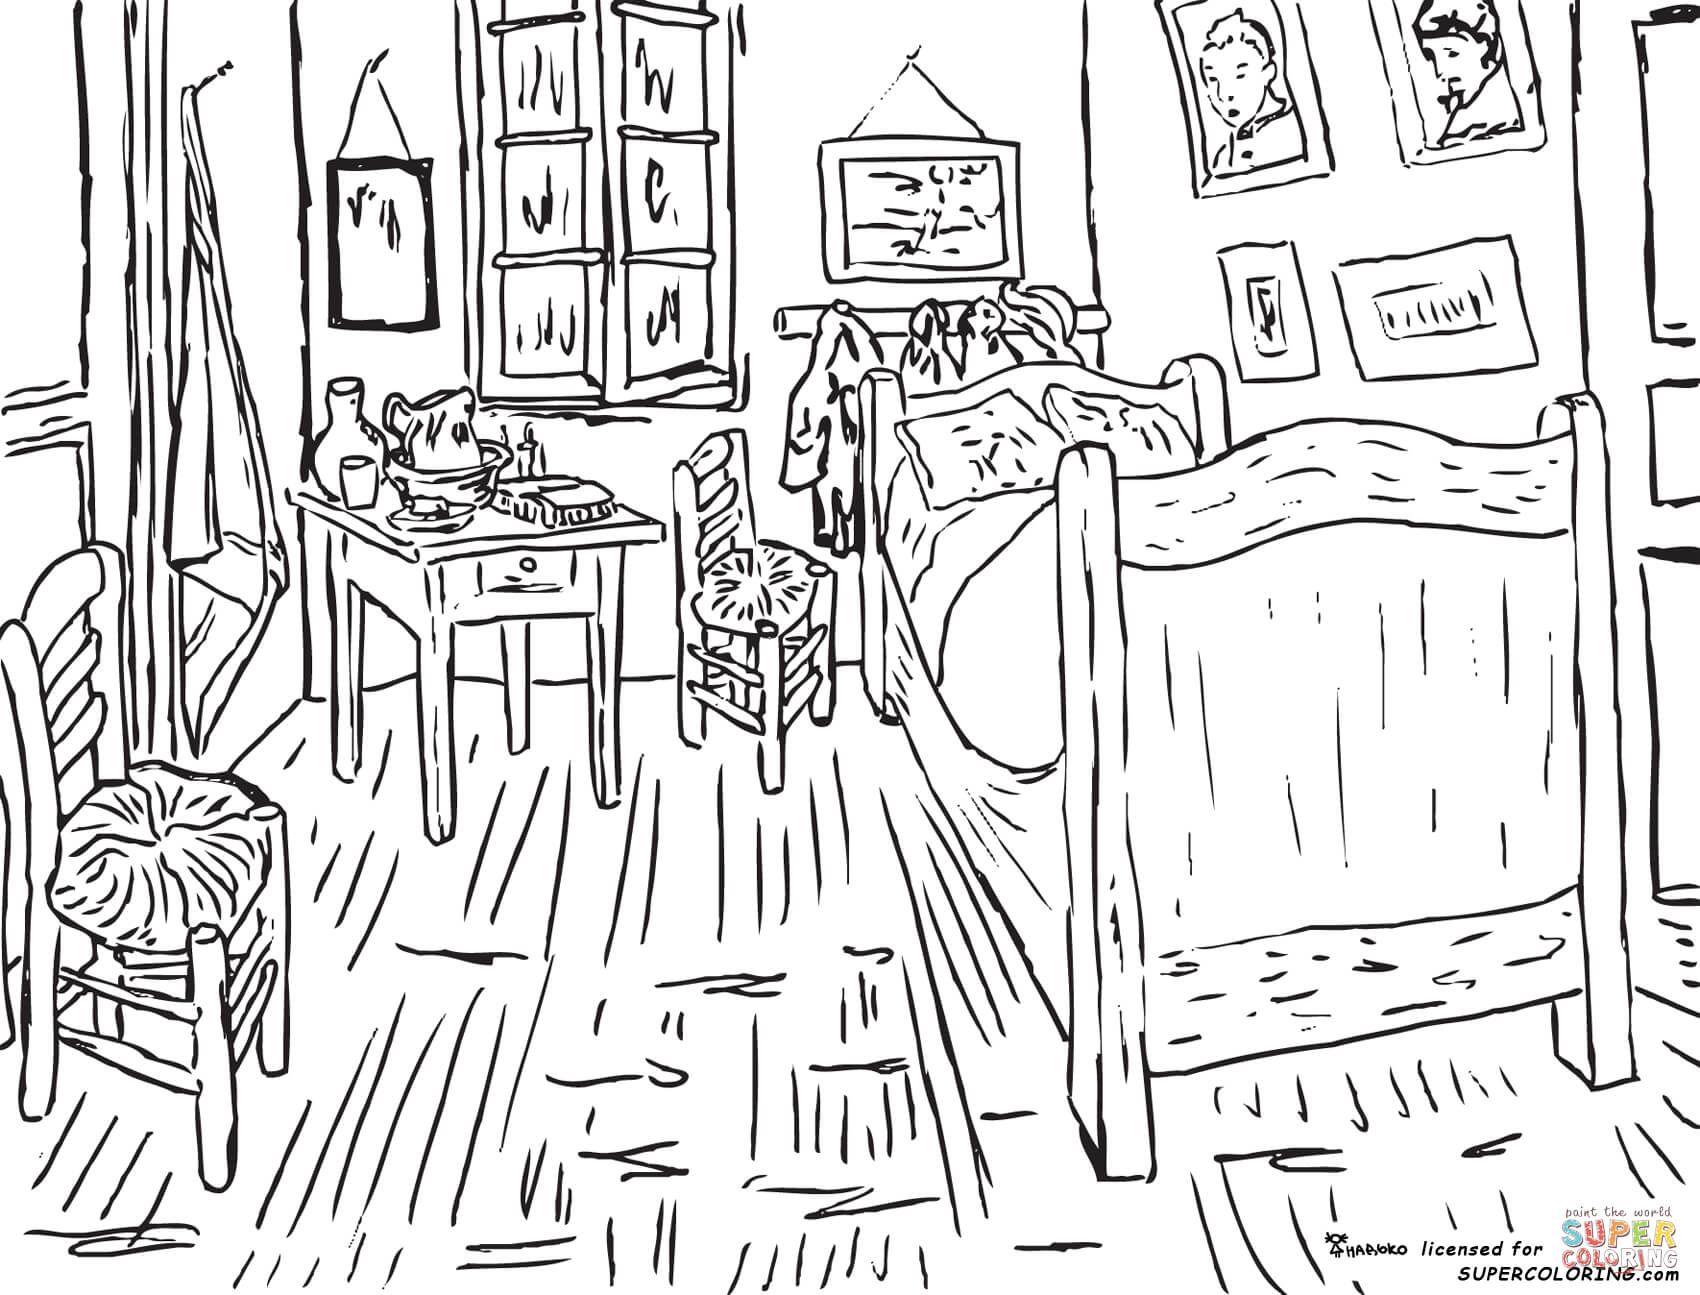 Disegno Da Colorare Di La Camera Di Vincent Ad Arles Di Vincent Van Gogh Categorie Vincent Van Gogh Disegni Da Disegni Da Colorare Van Gogh Arte Di Van Gogh